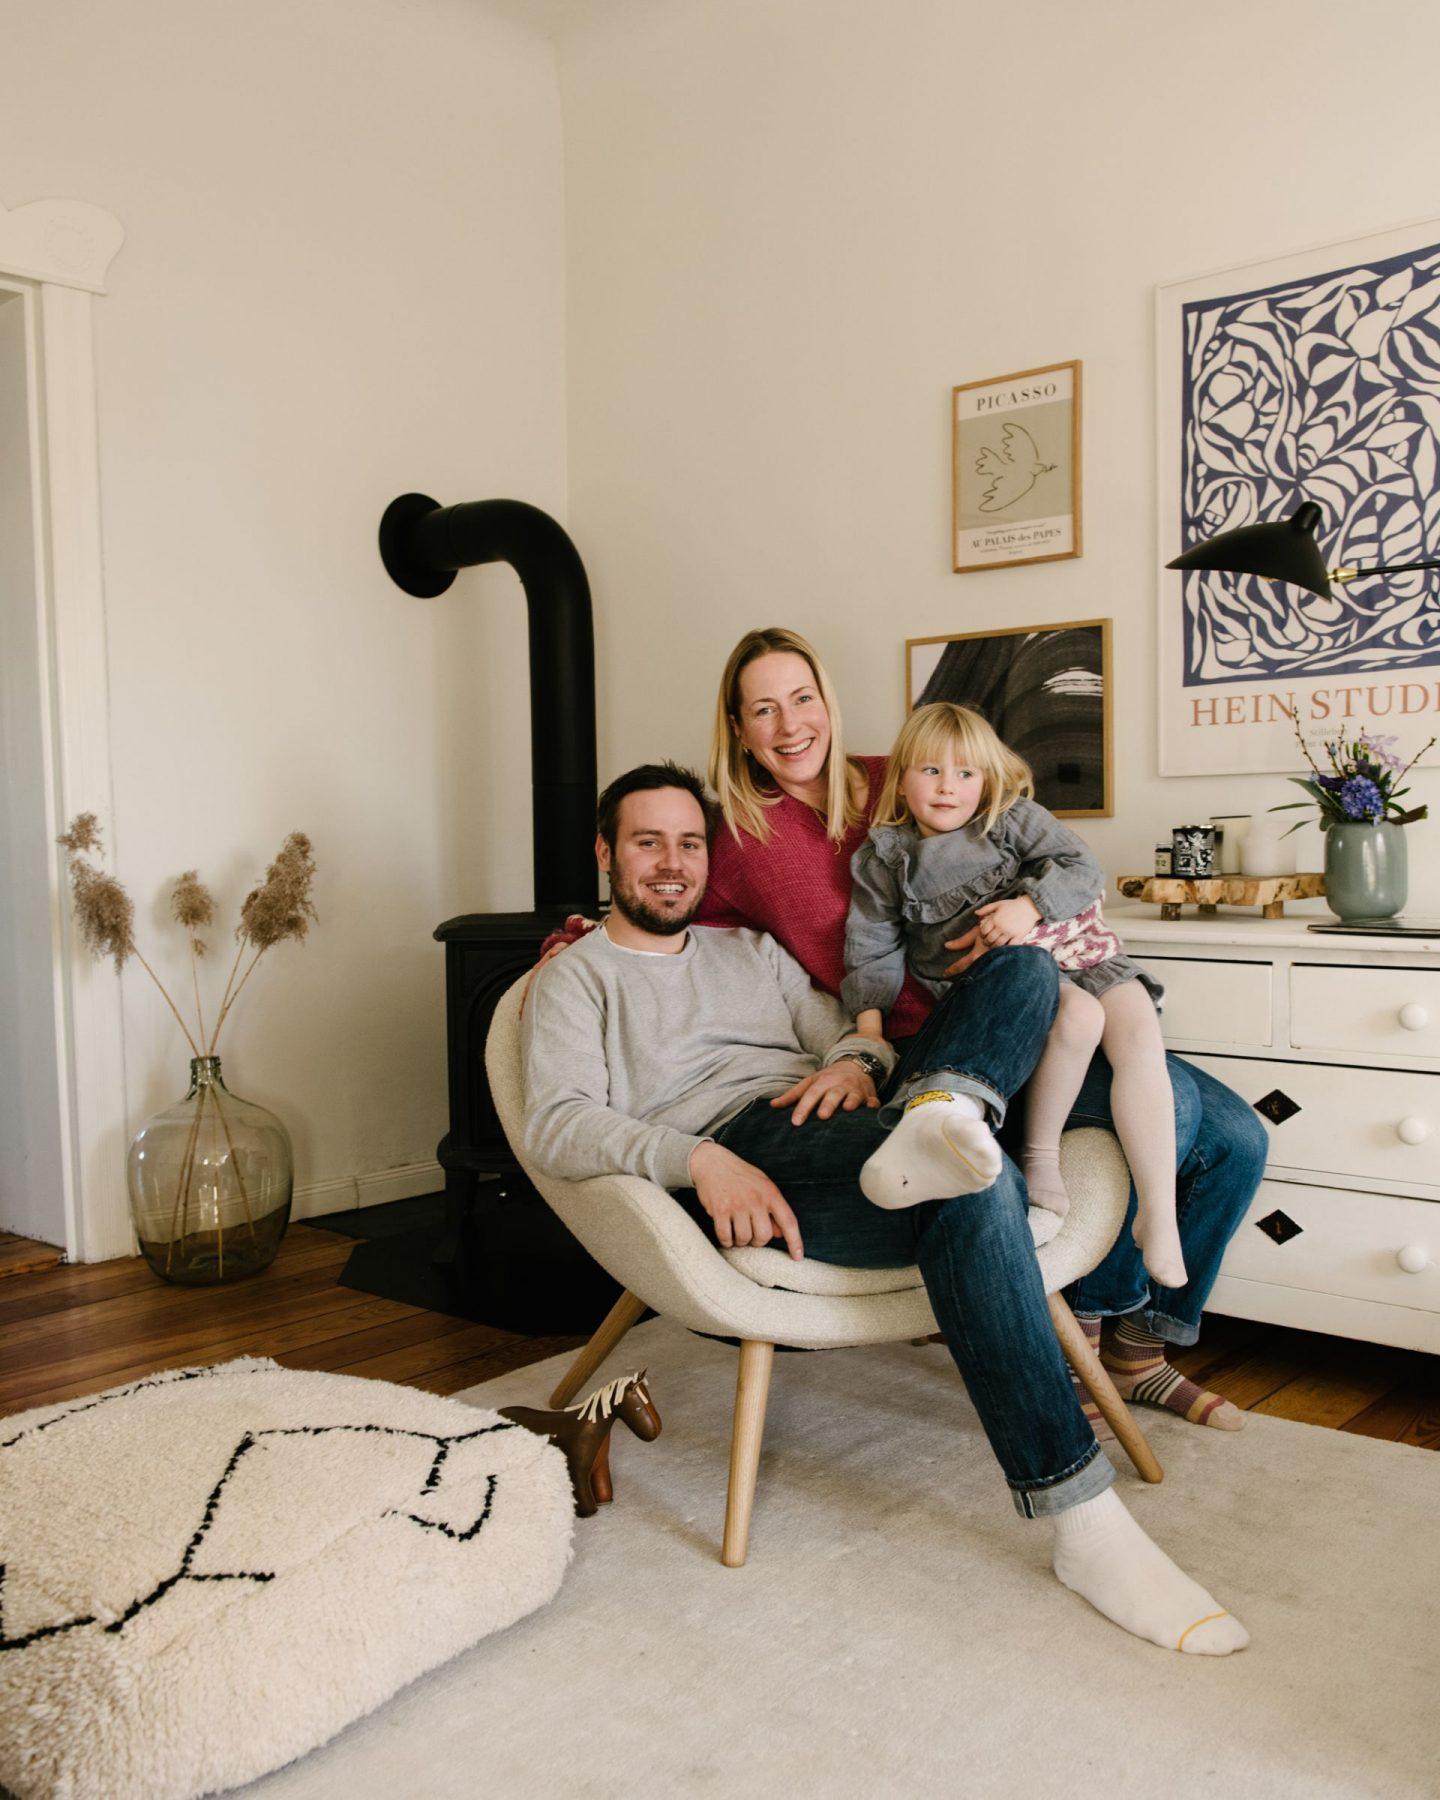 Unsere Homestory in der aktuelle Ausgabe der Freundin – mit Fotos von Robert Rieger